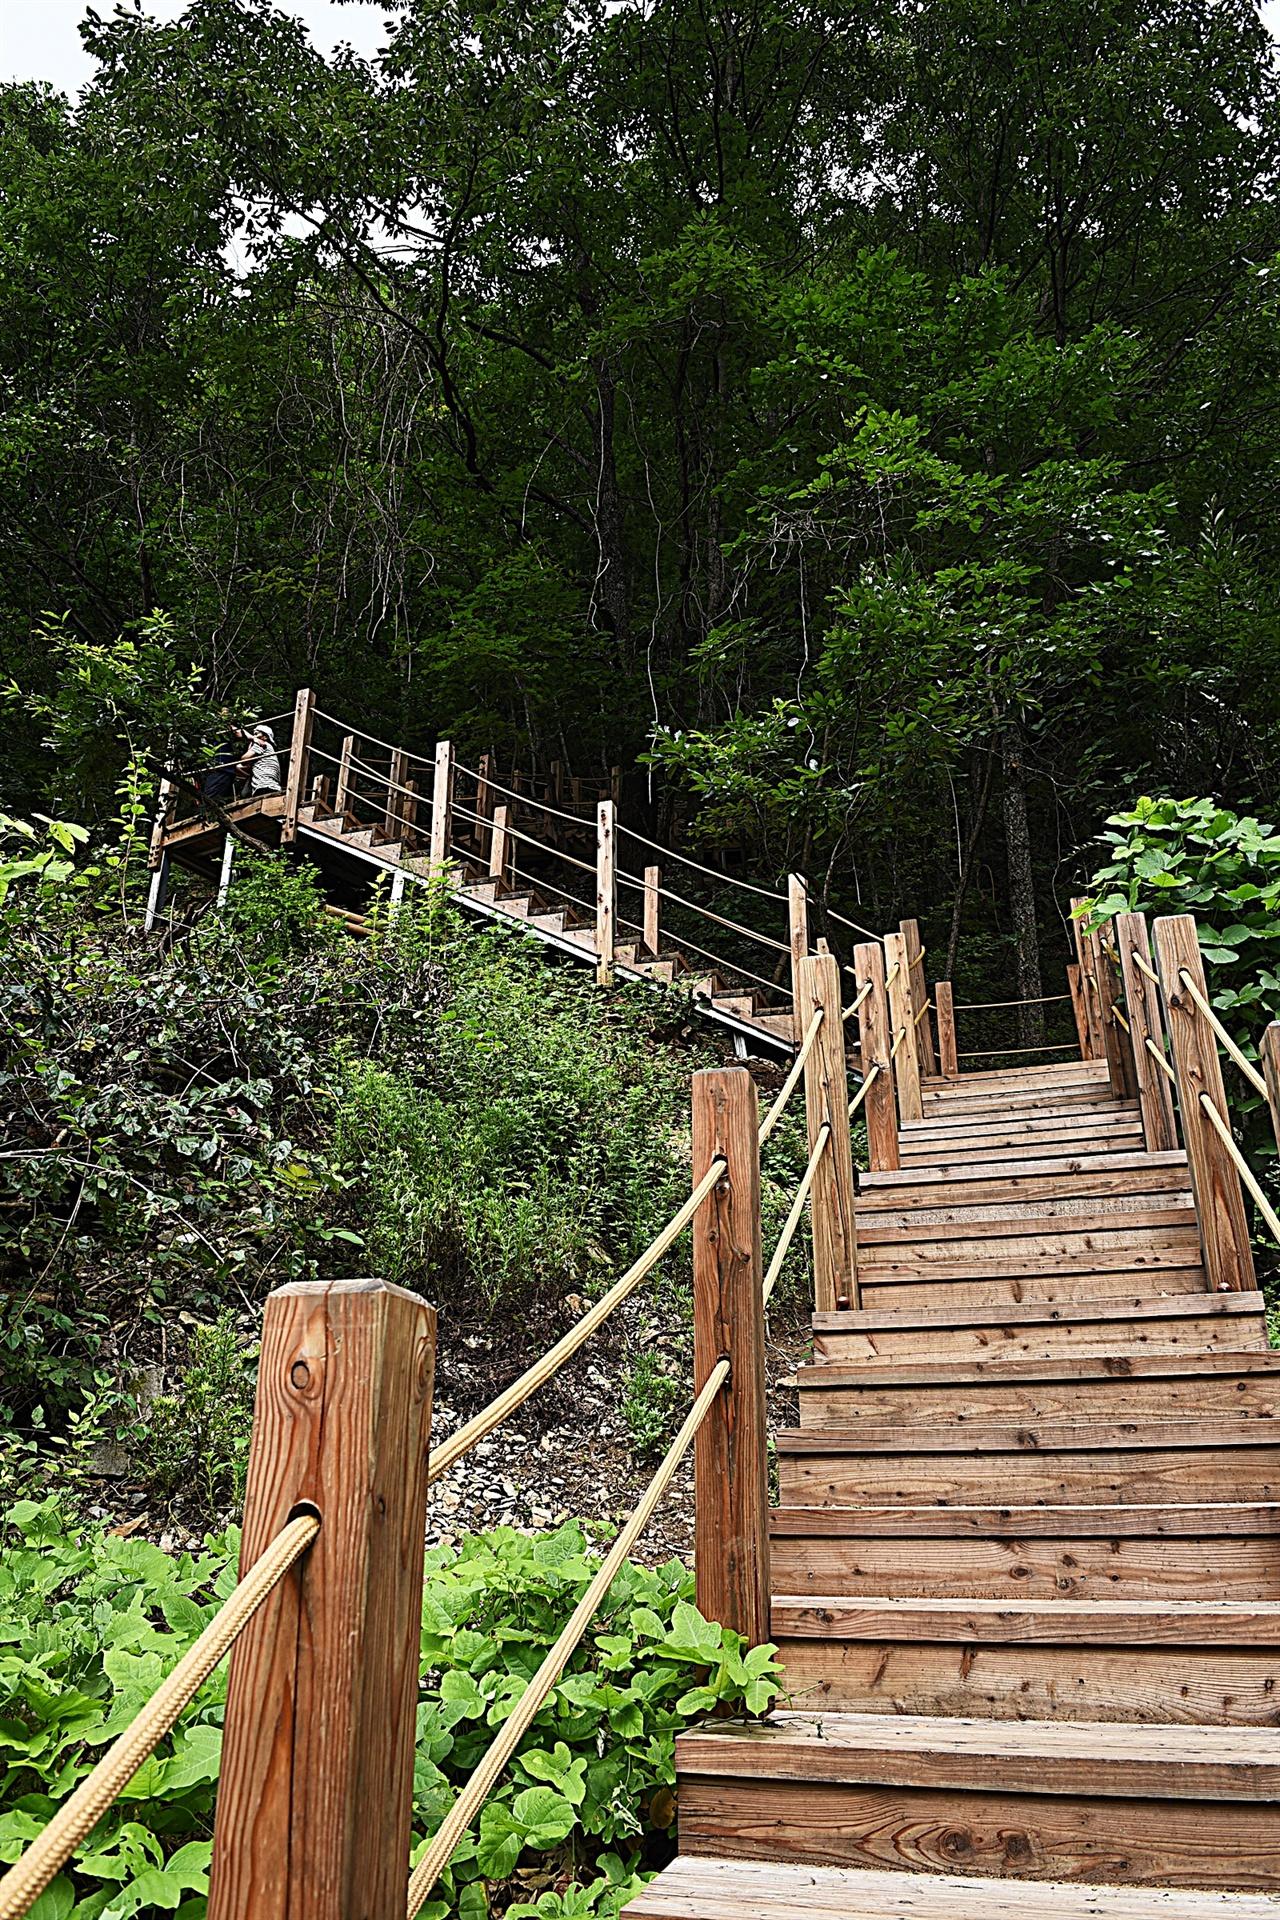 376계단  이끼폭포로 가는 마지막 관문, 500m의 내리막길. 계단이 376개다.